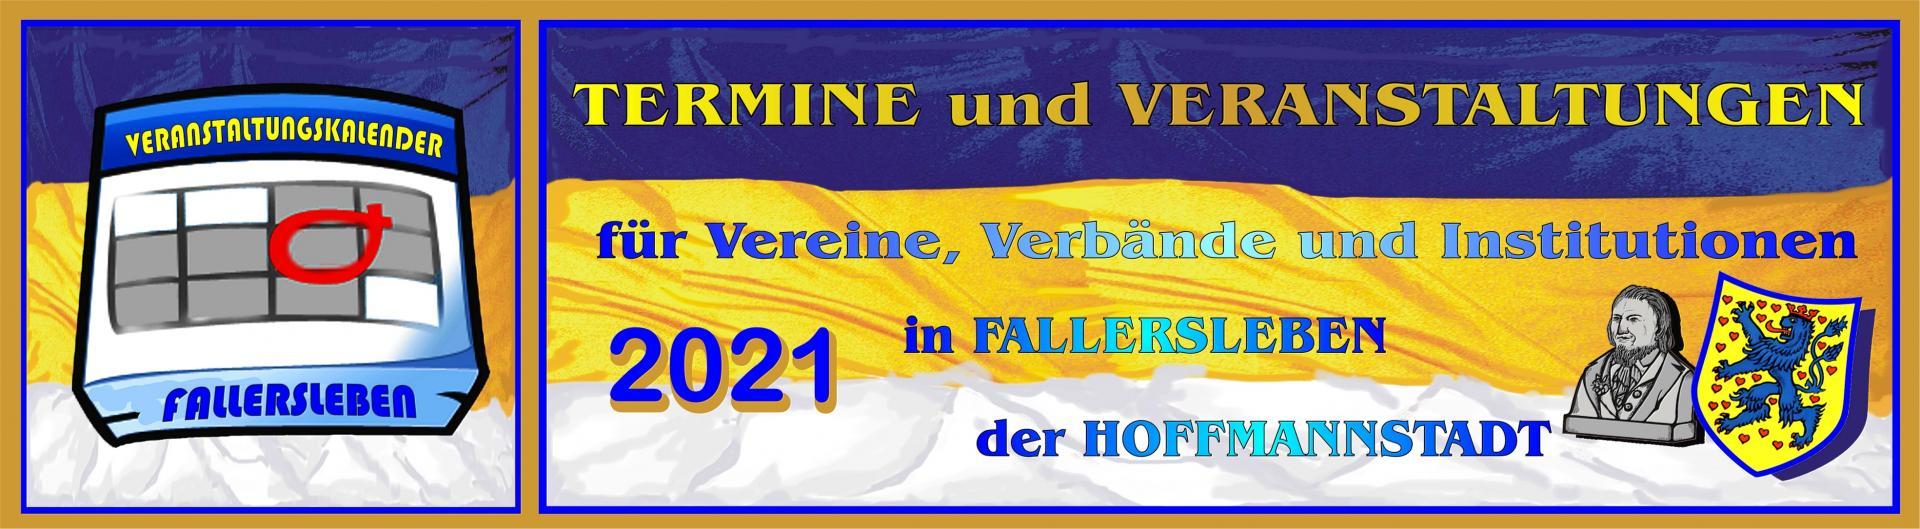 Banner Veranstaltungskalender 2012